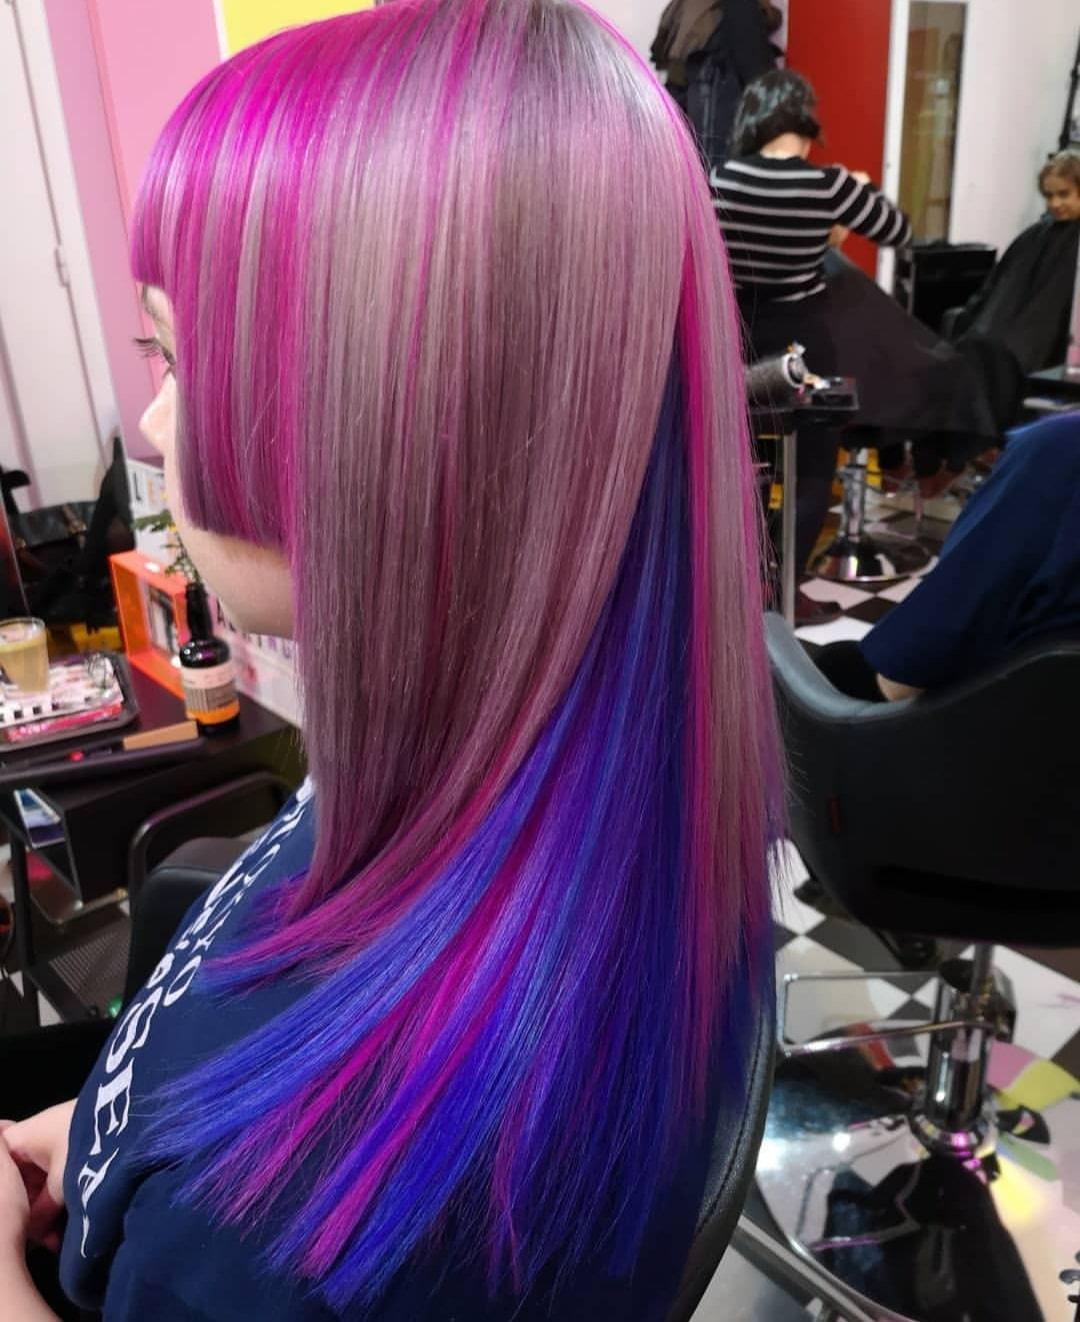 Frau-Schneider-Hairstyling-in-Wien-2020-01-27_6